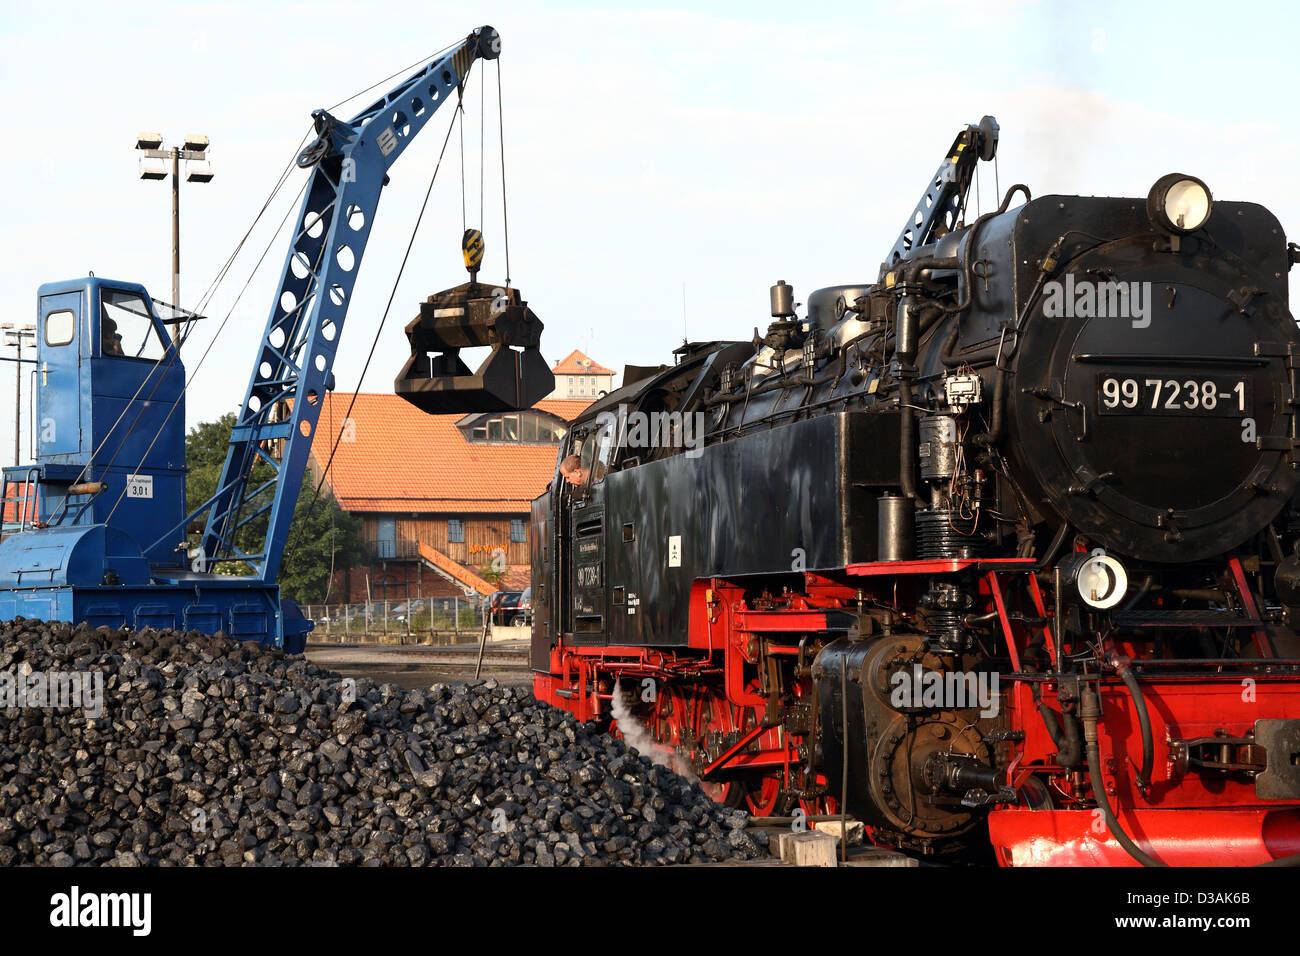 wernigerode deutschland eine lokomotive auf der kohle. Black Bedroom Furniture Sets. Home Design Ideas